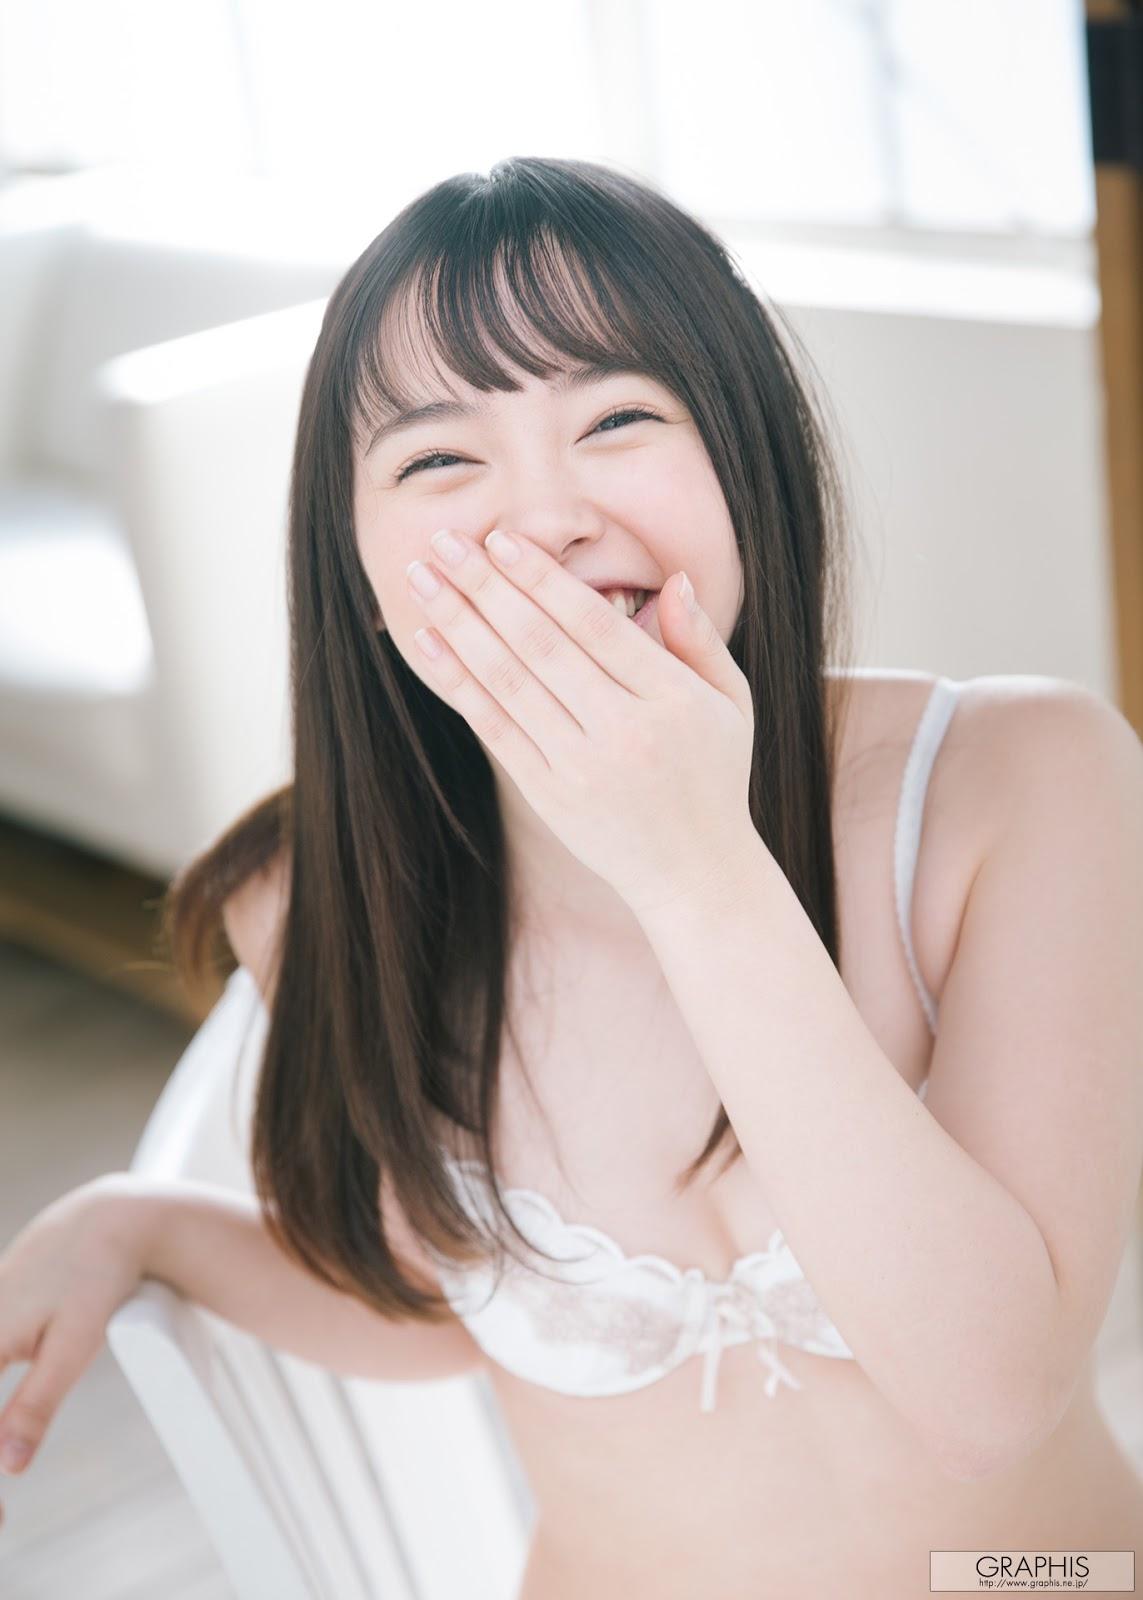 小倉由菜 画像 076